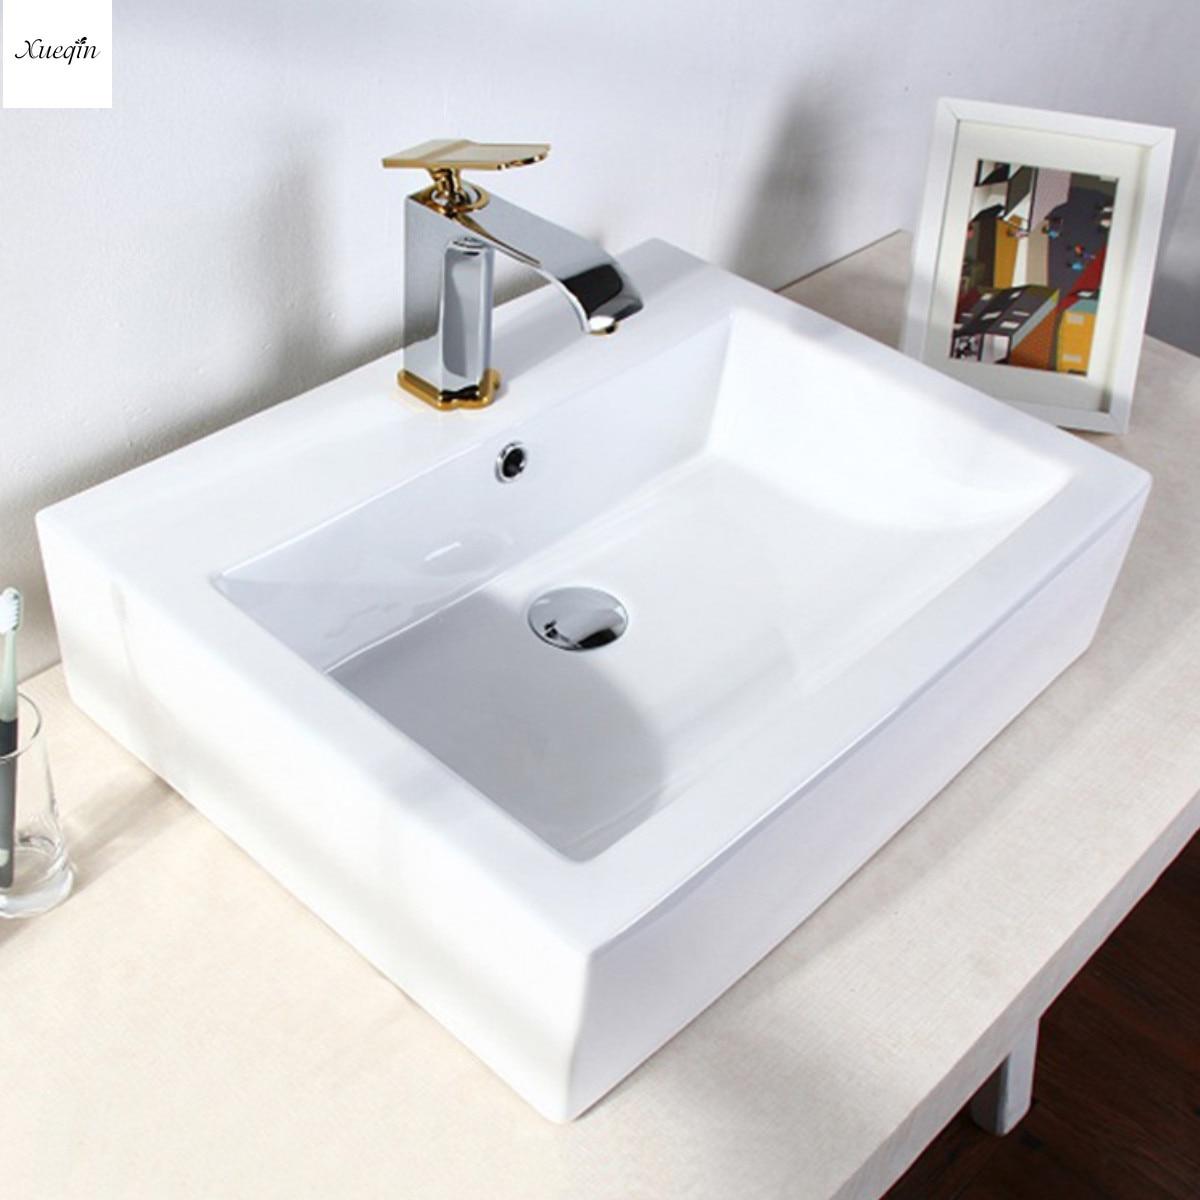 Salle de bains En Porcelaine Lavabo En Céramique Blanc Bassin Carré Bol 410x410x150mm Moderne Rectangulaire Lavabo Artistique